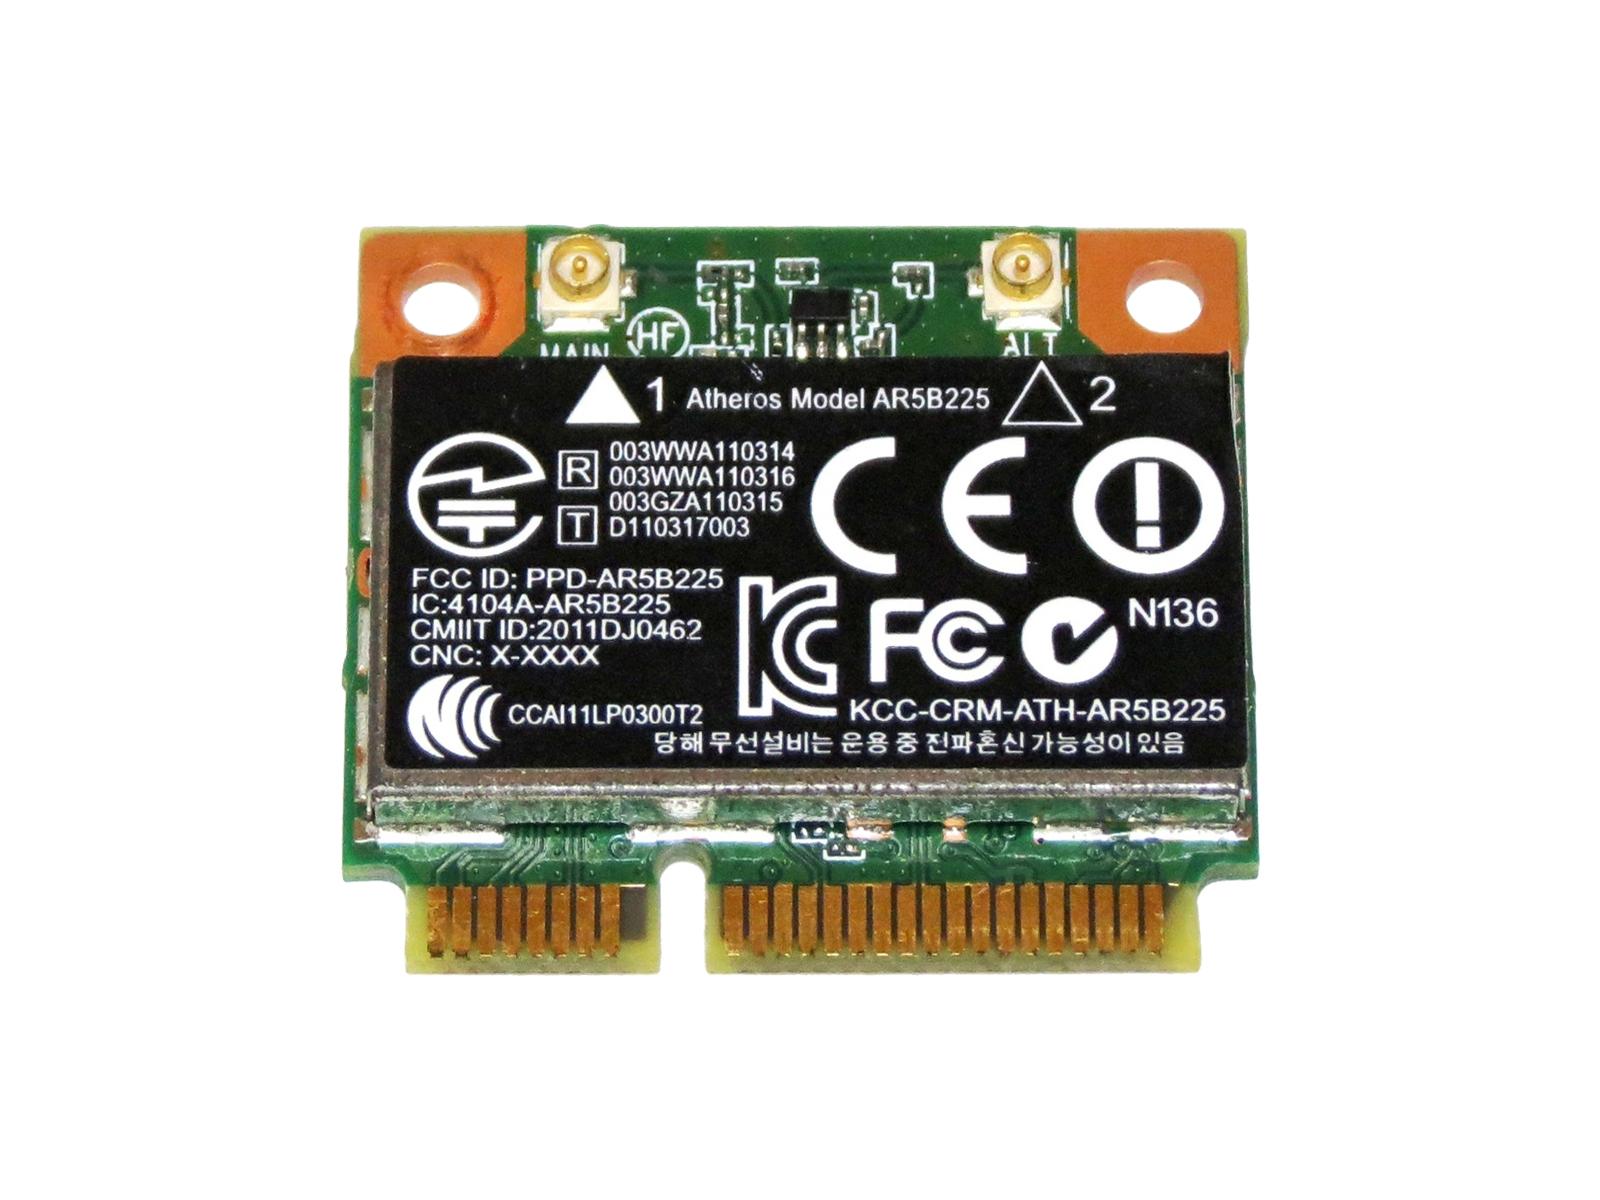 HP + 泛型锐 AR5B225 WB225 无线局域网卡 SPS #: 655795-001